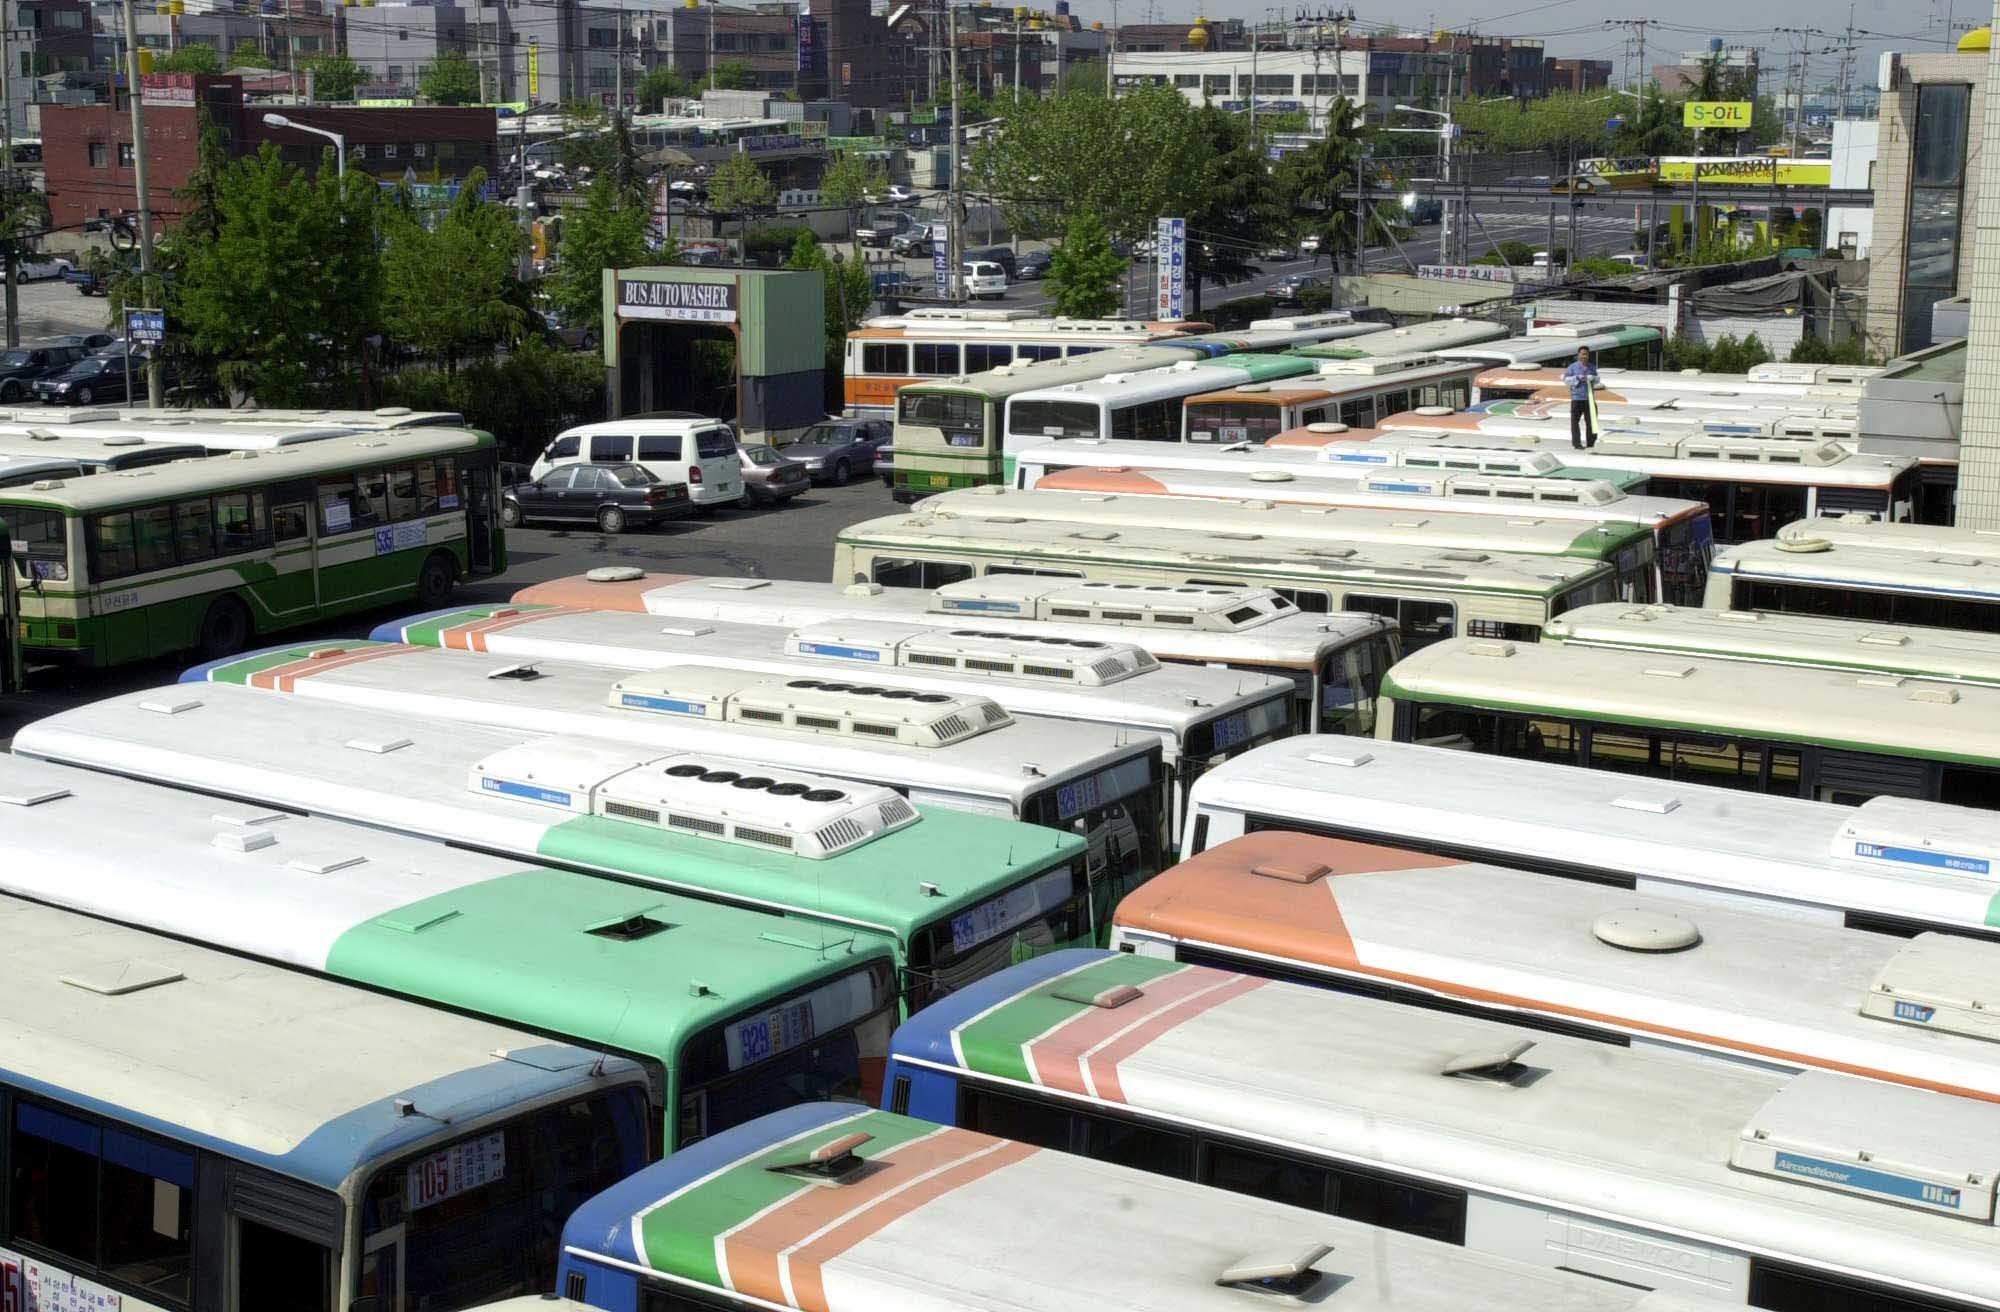 7월부터 근로시간이 단축되면 상당수는 노선버스는 기사 부족으로 인해 운행 차질이 불가피할 전망이다. [중앙포토]